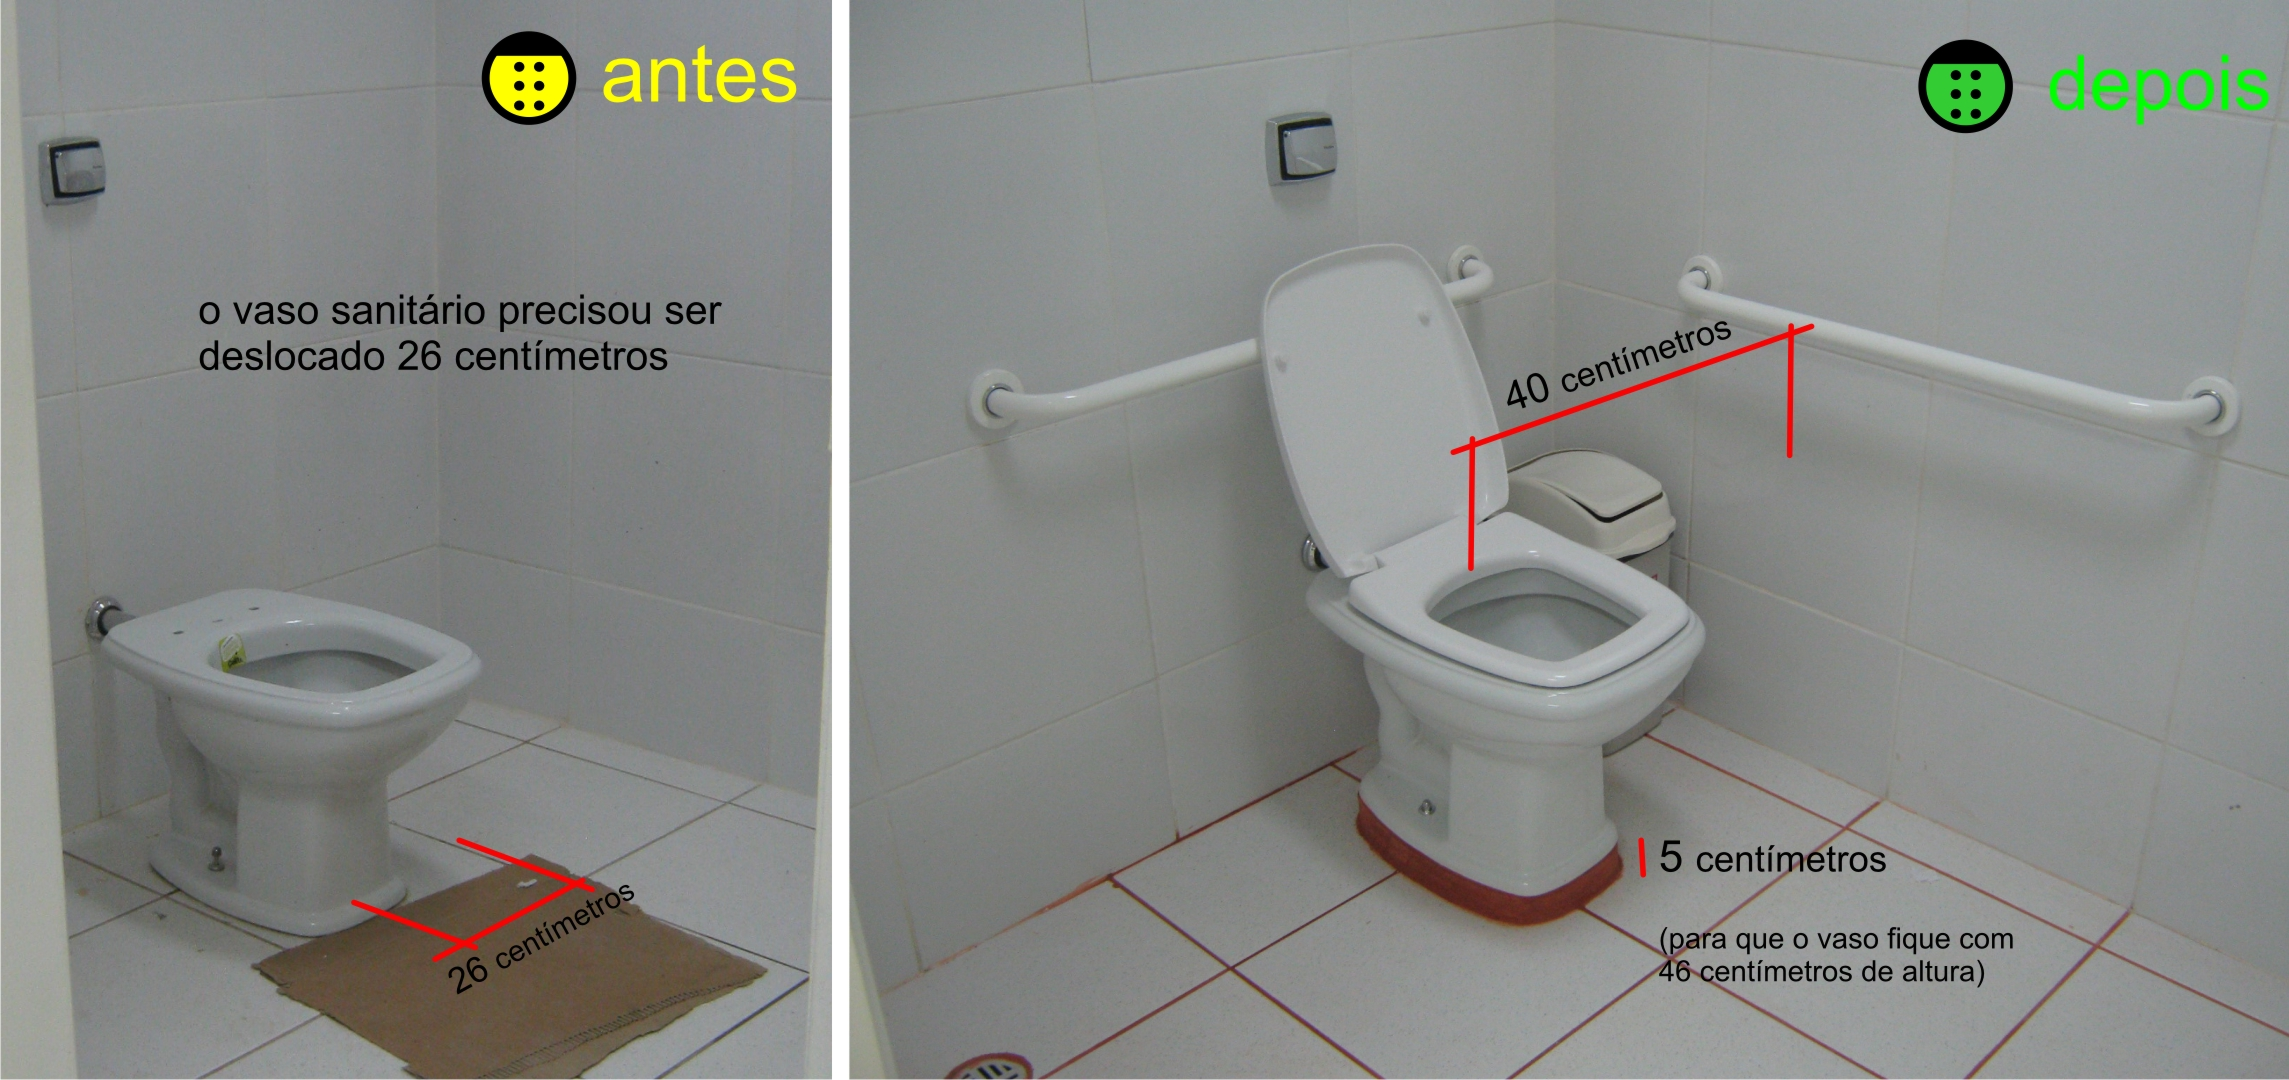 Imagens de #B2B318 vaso sanitário antes e depois depois em posição e altura adequada 2289x1080 px 3574 Barras Banheiro Idosos